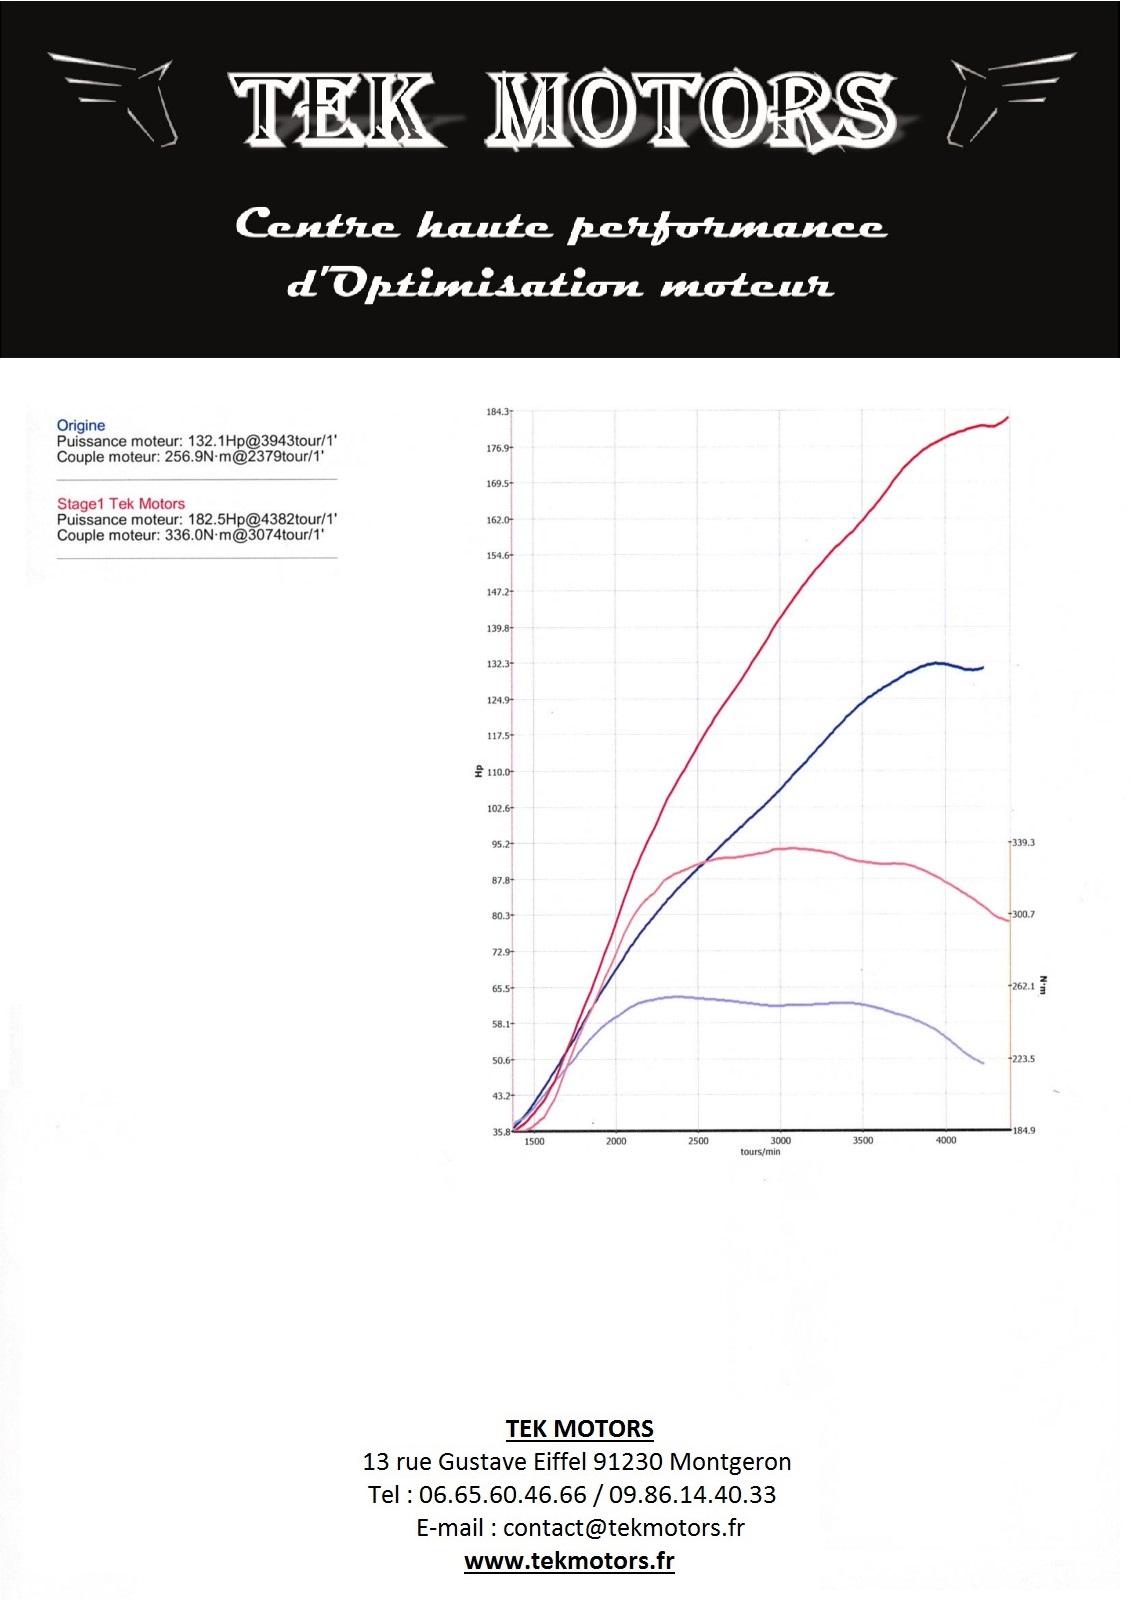 reprogrammation moteur mercedes c200 cdi 136 cv i 94